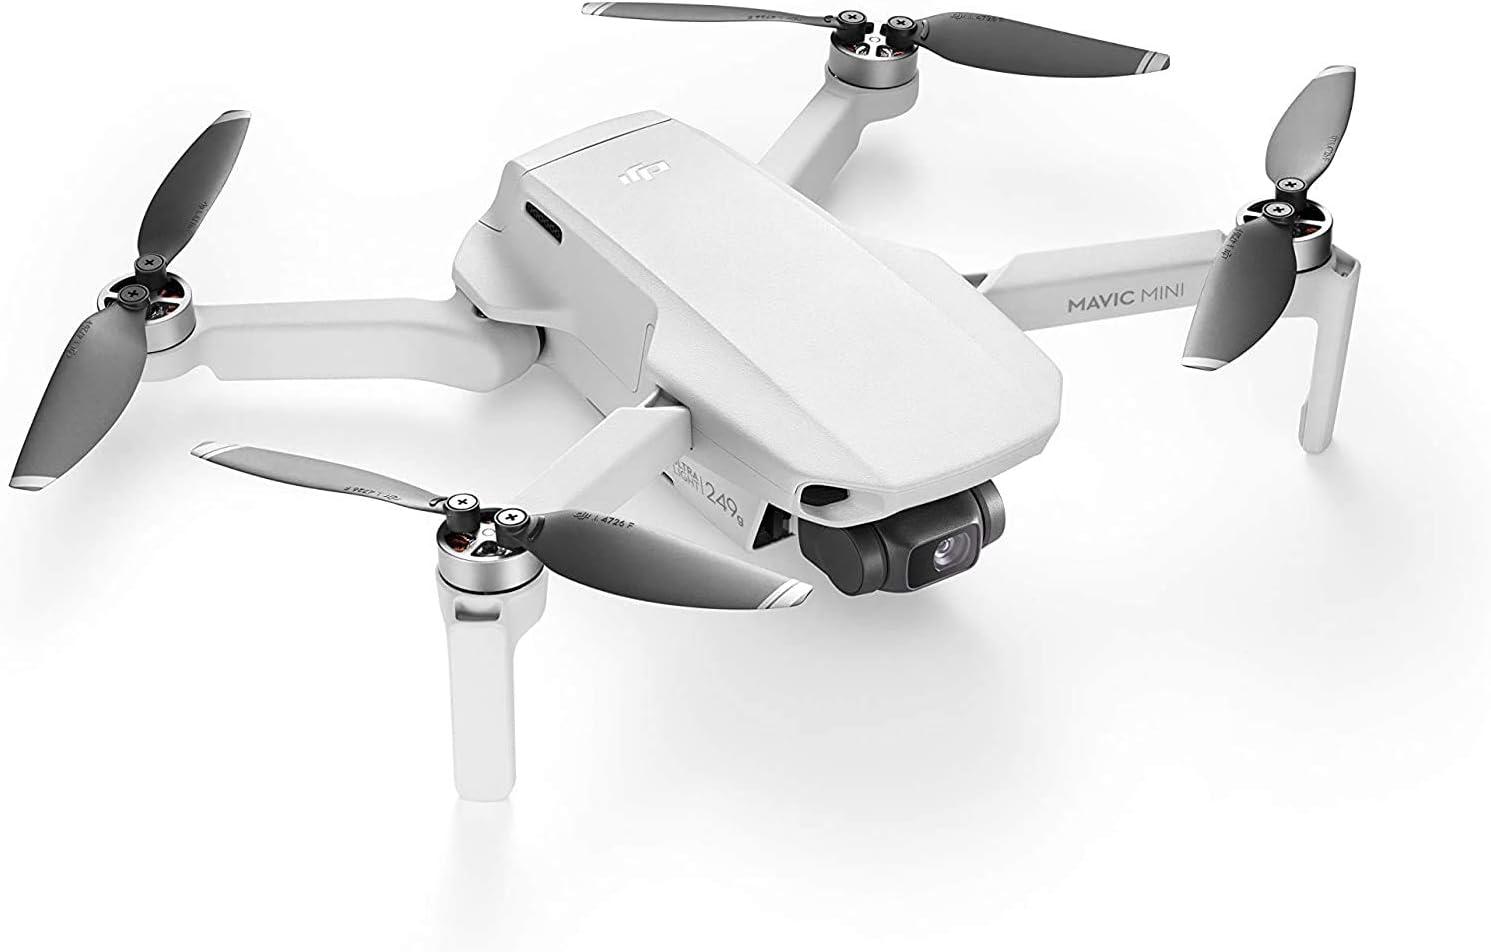 DJI Mavic Mini + Care Refresh - Drone Ultraligero y Portátil, Batería 30 Minutos, Distancia Transmisión 2 Km, Ofrece Dos Unidades de Remplazo en un Año, Cubre una Gran Variedad de Accidentes